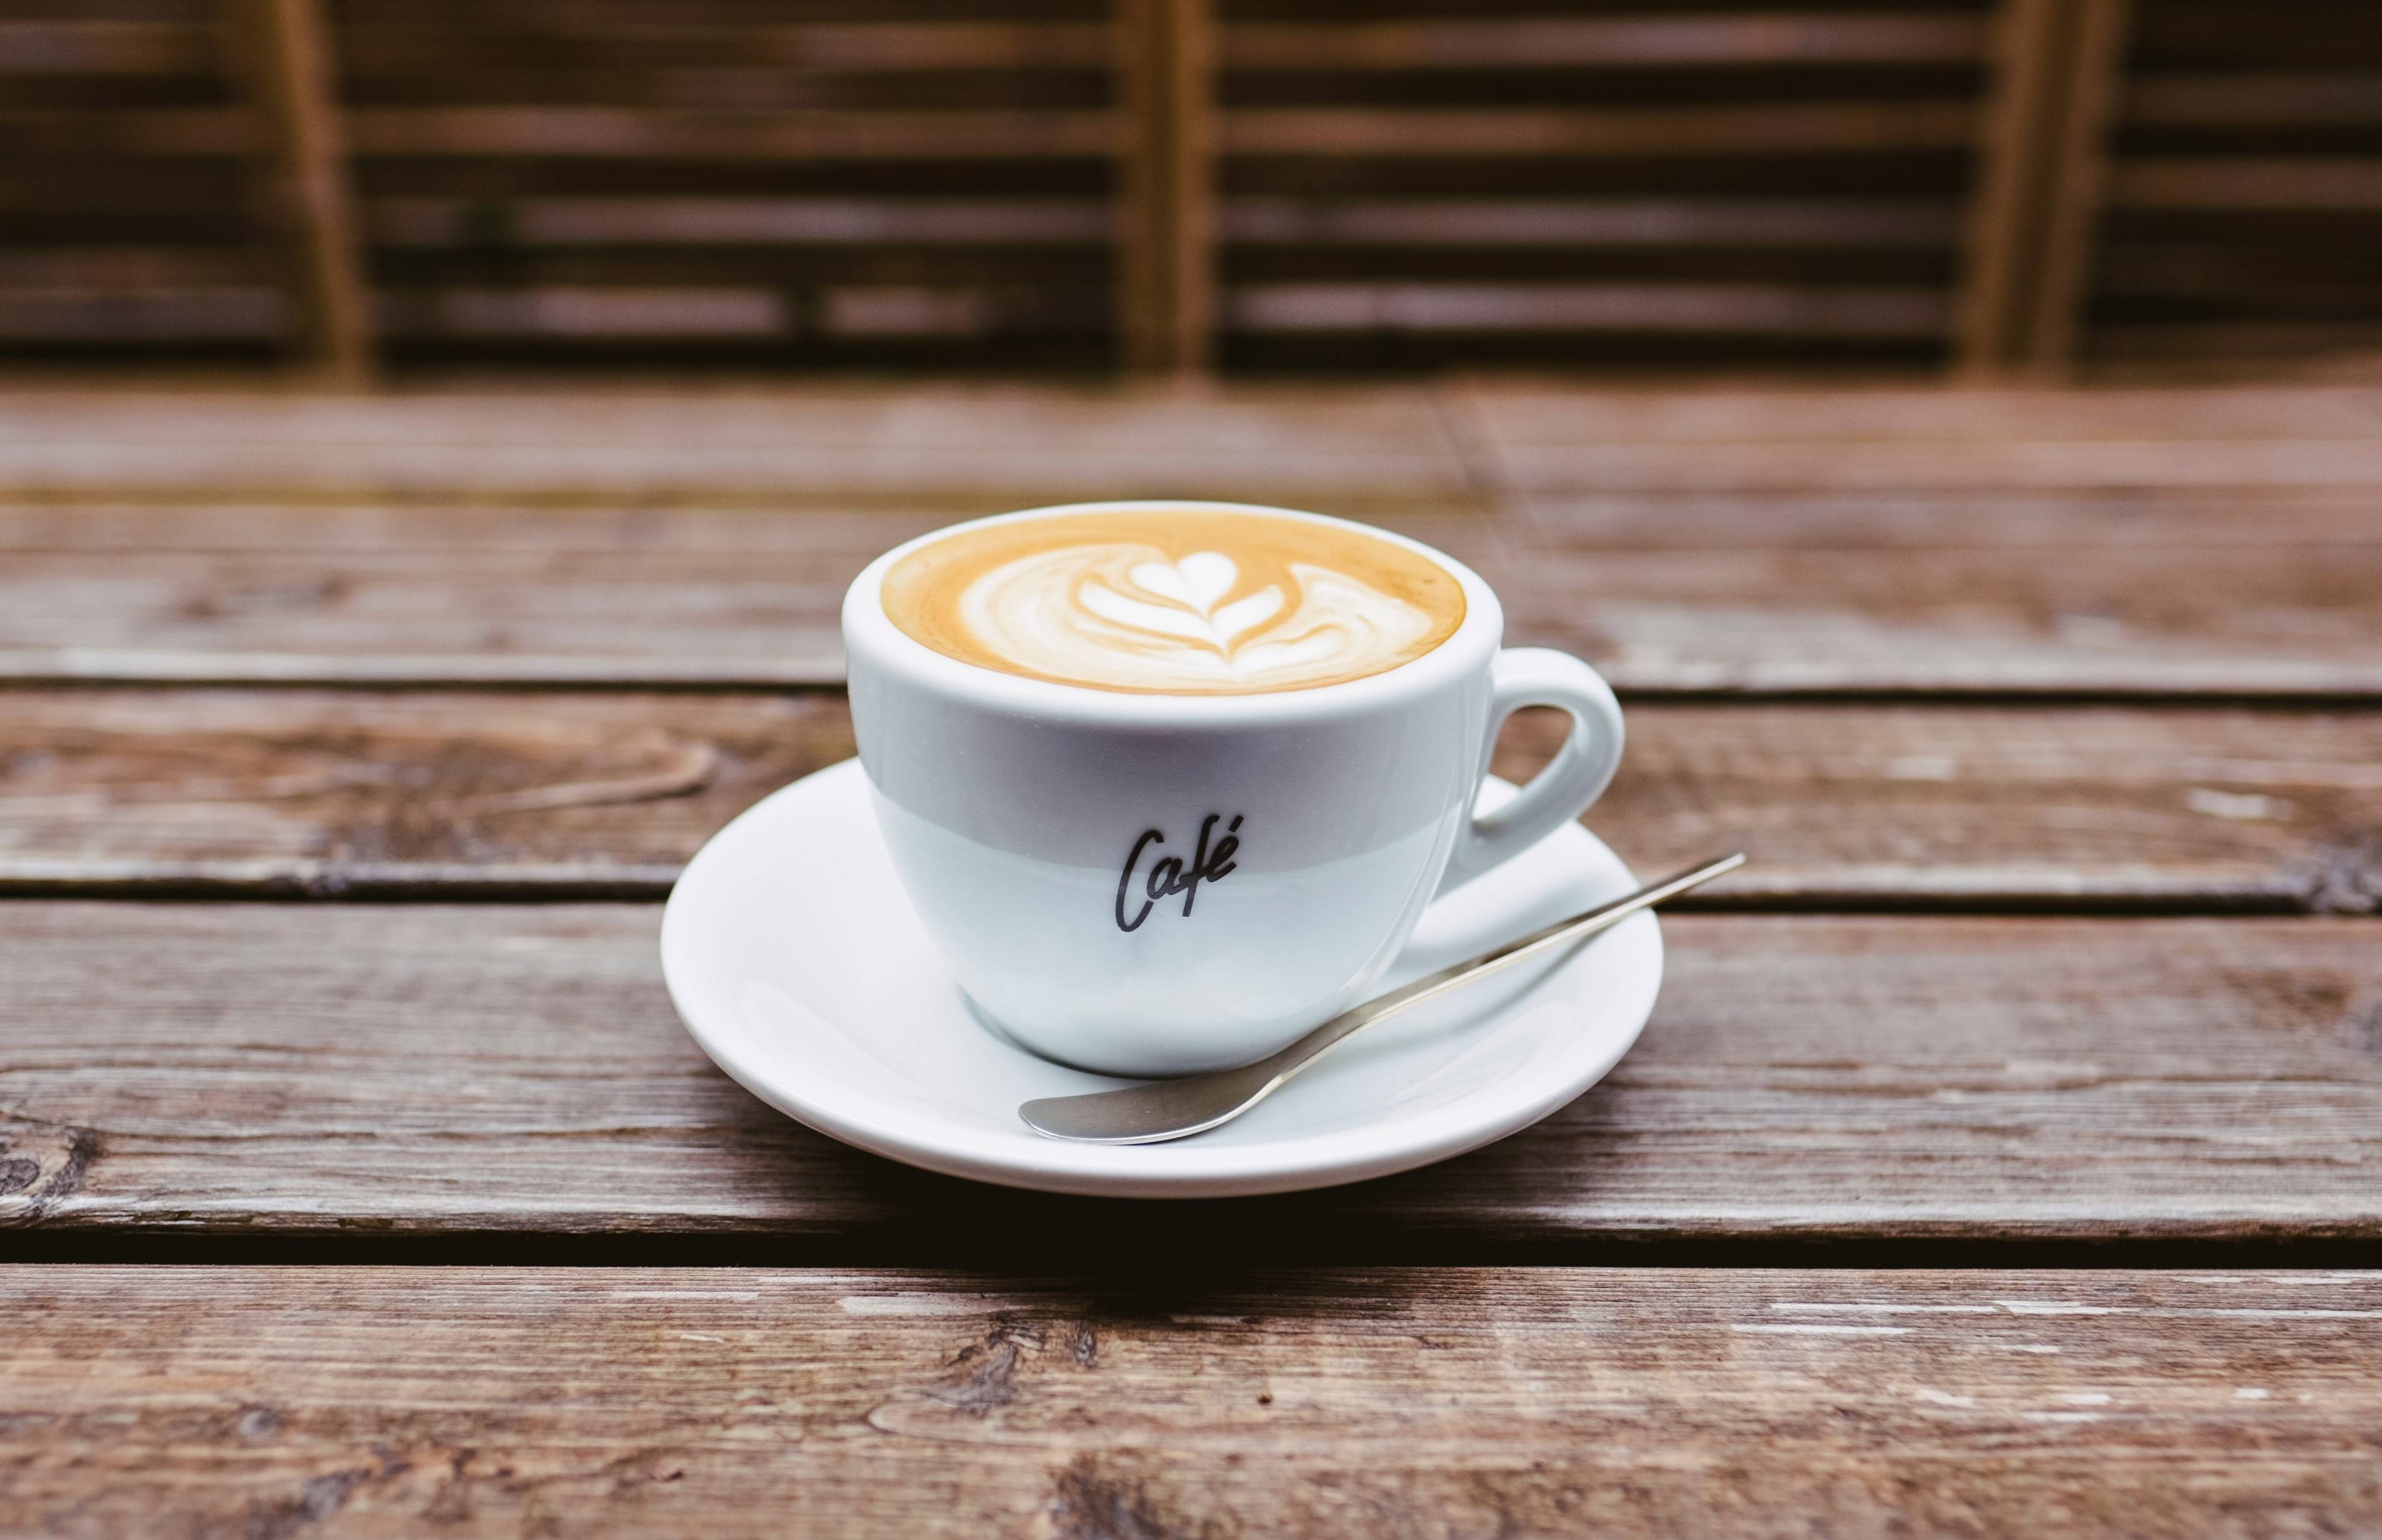 www.juicysantos.com.br - mercado coffee feira de café em santos